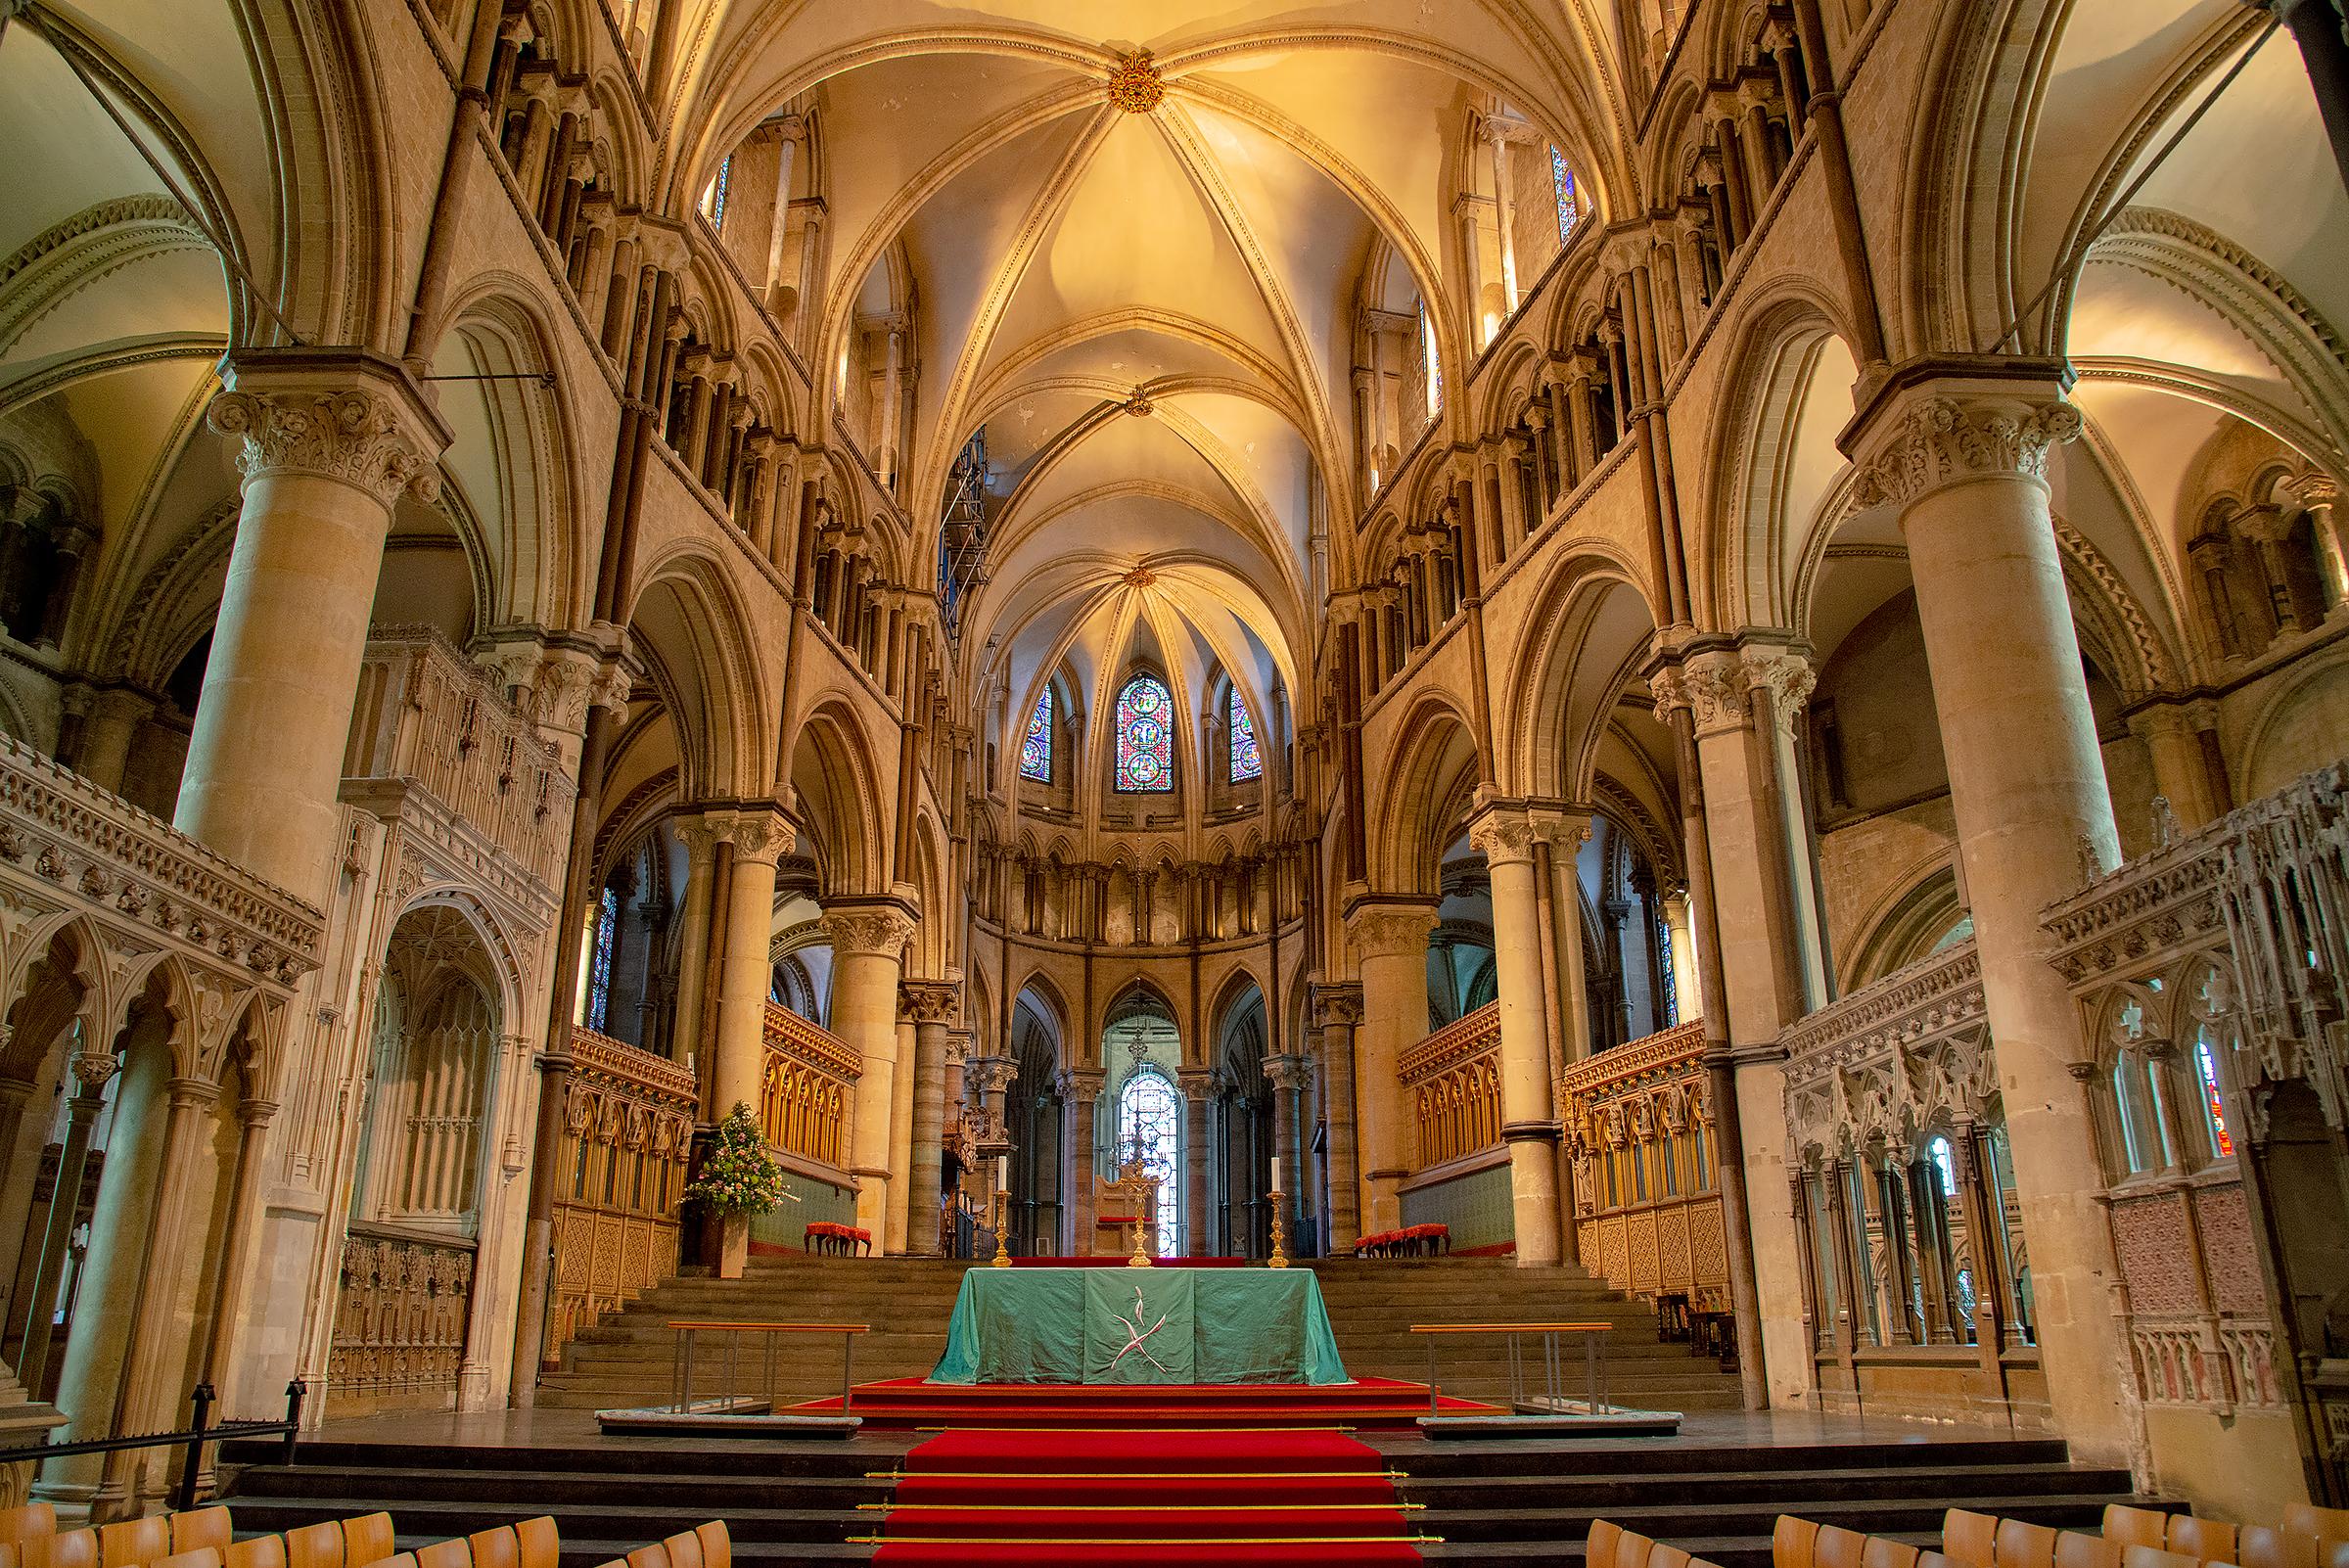 كاتدرائية كانتربري Canterbury Cathedral